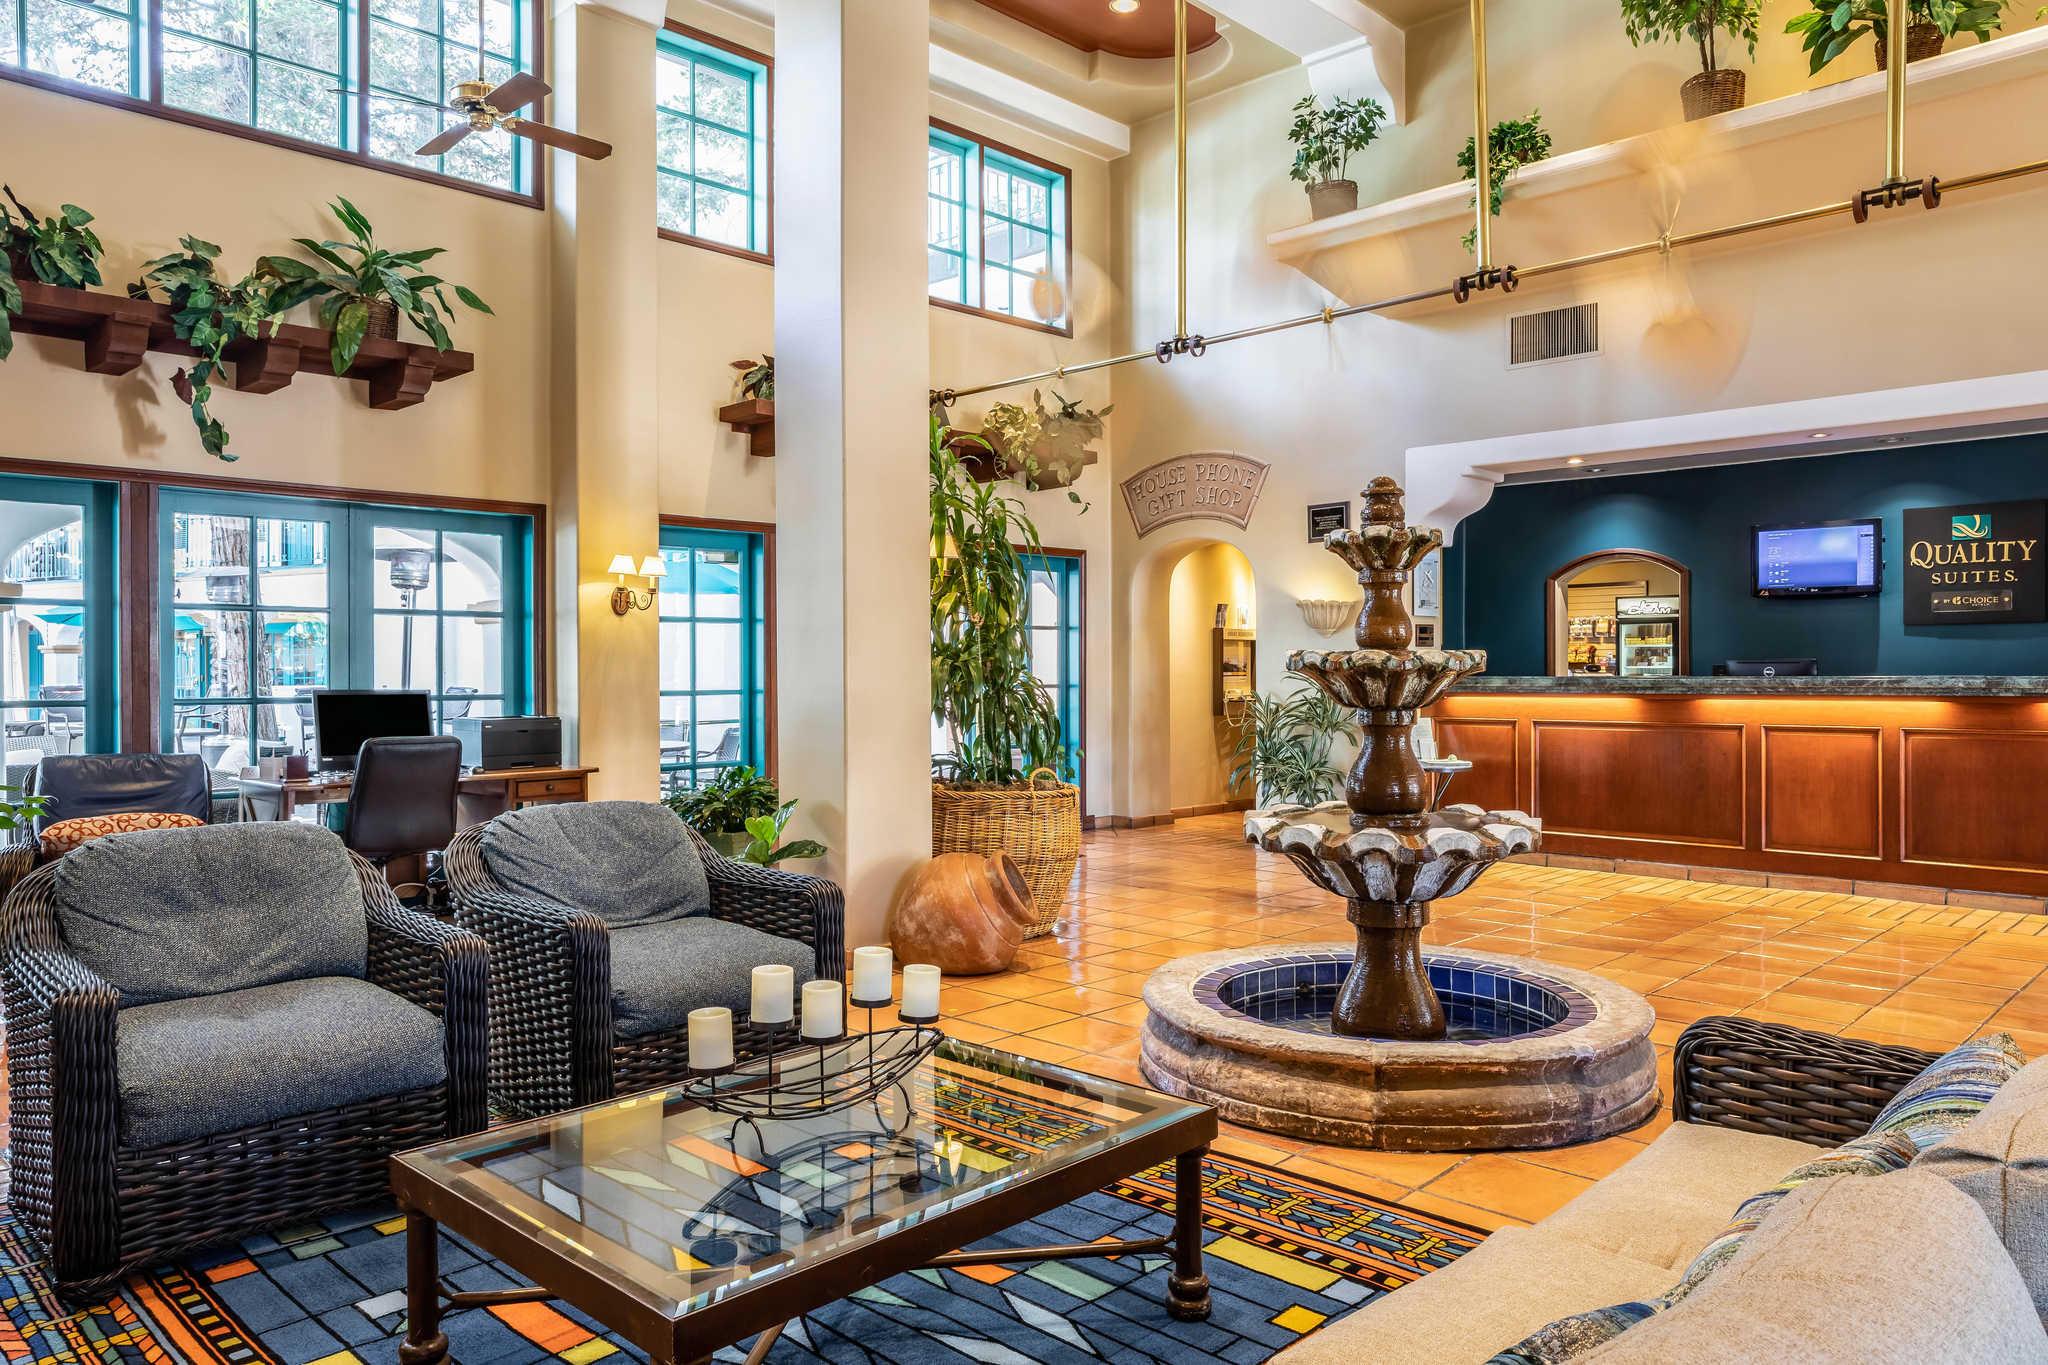 Quality Suites Downtown San Luis Obispo image 2